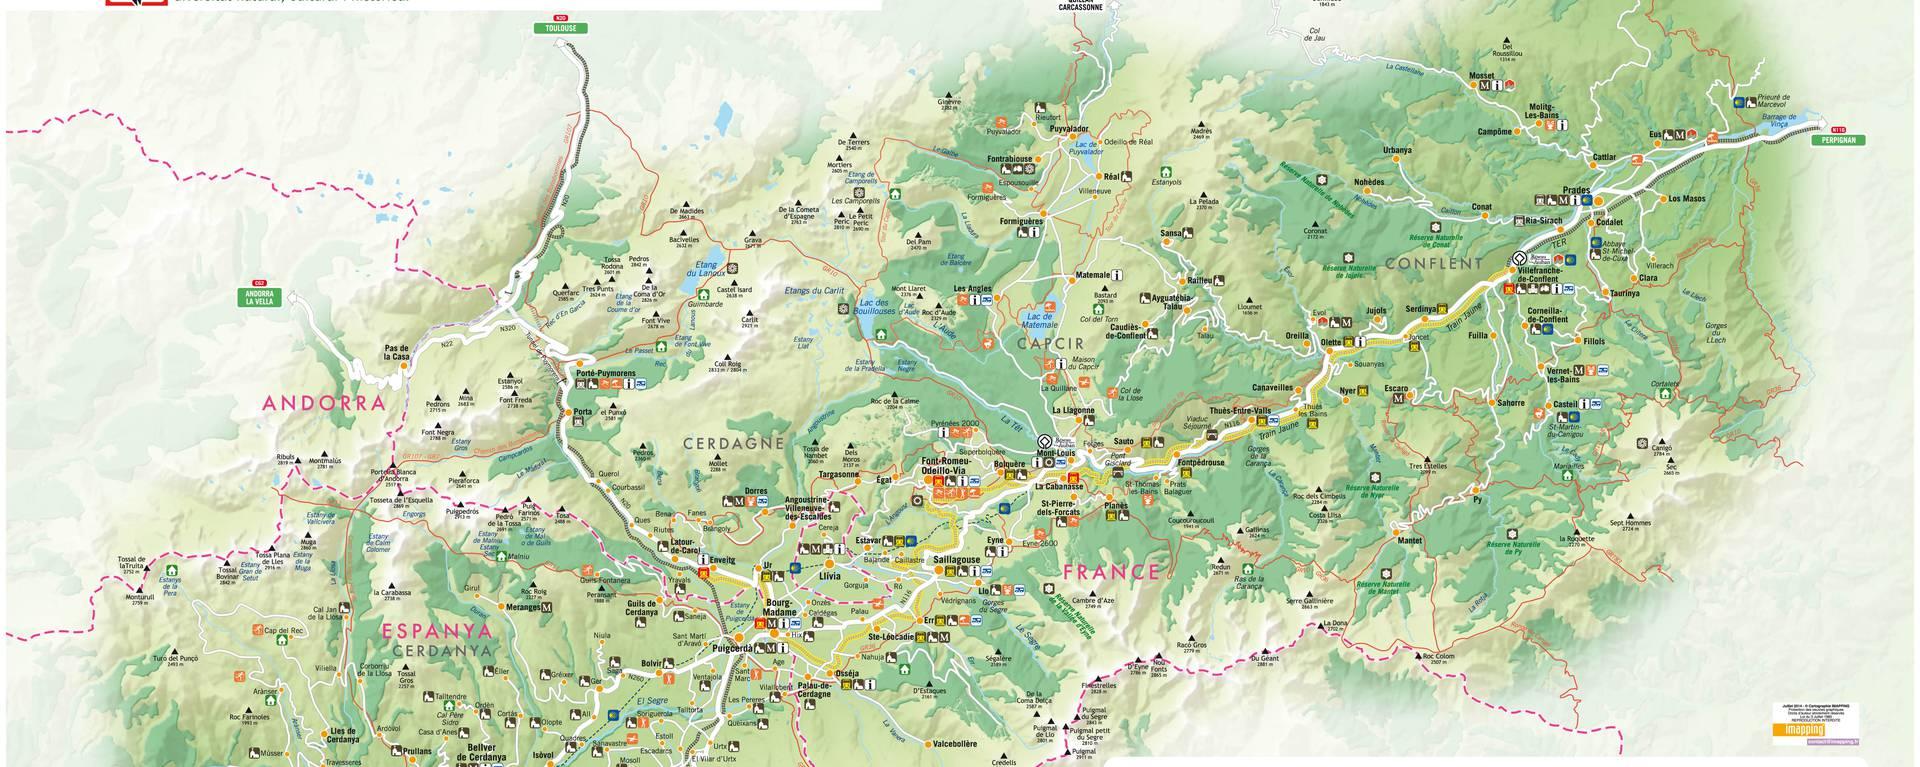 Carte des Pyrénées catalanes